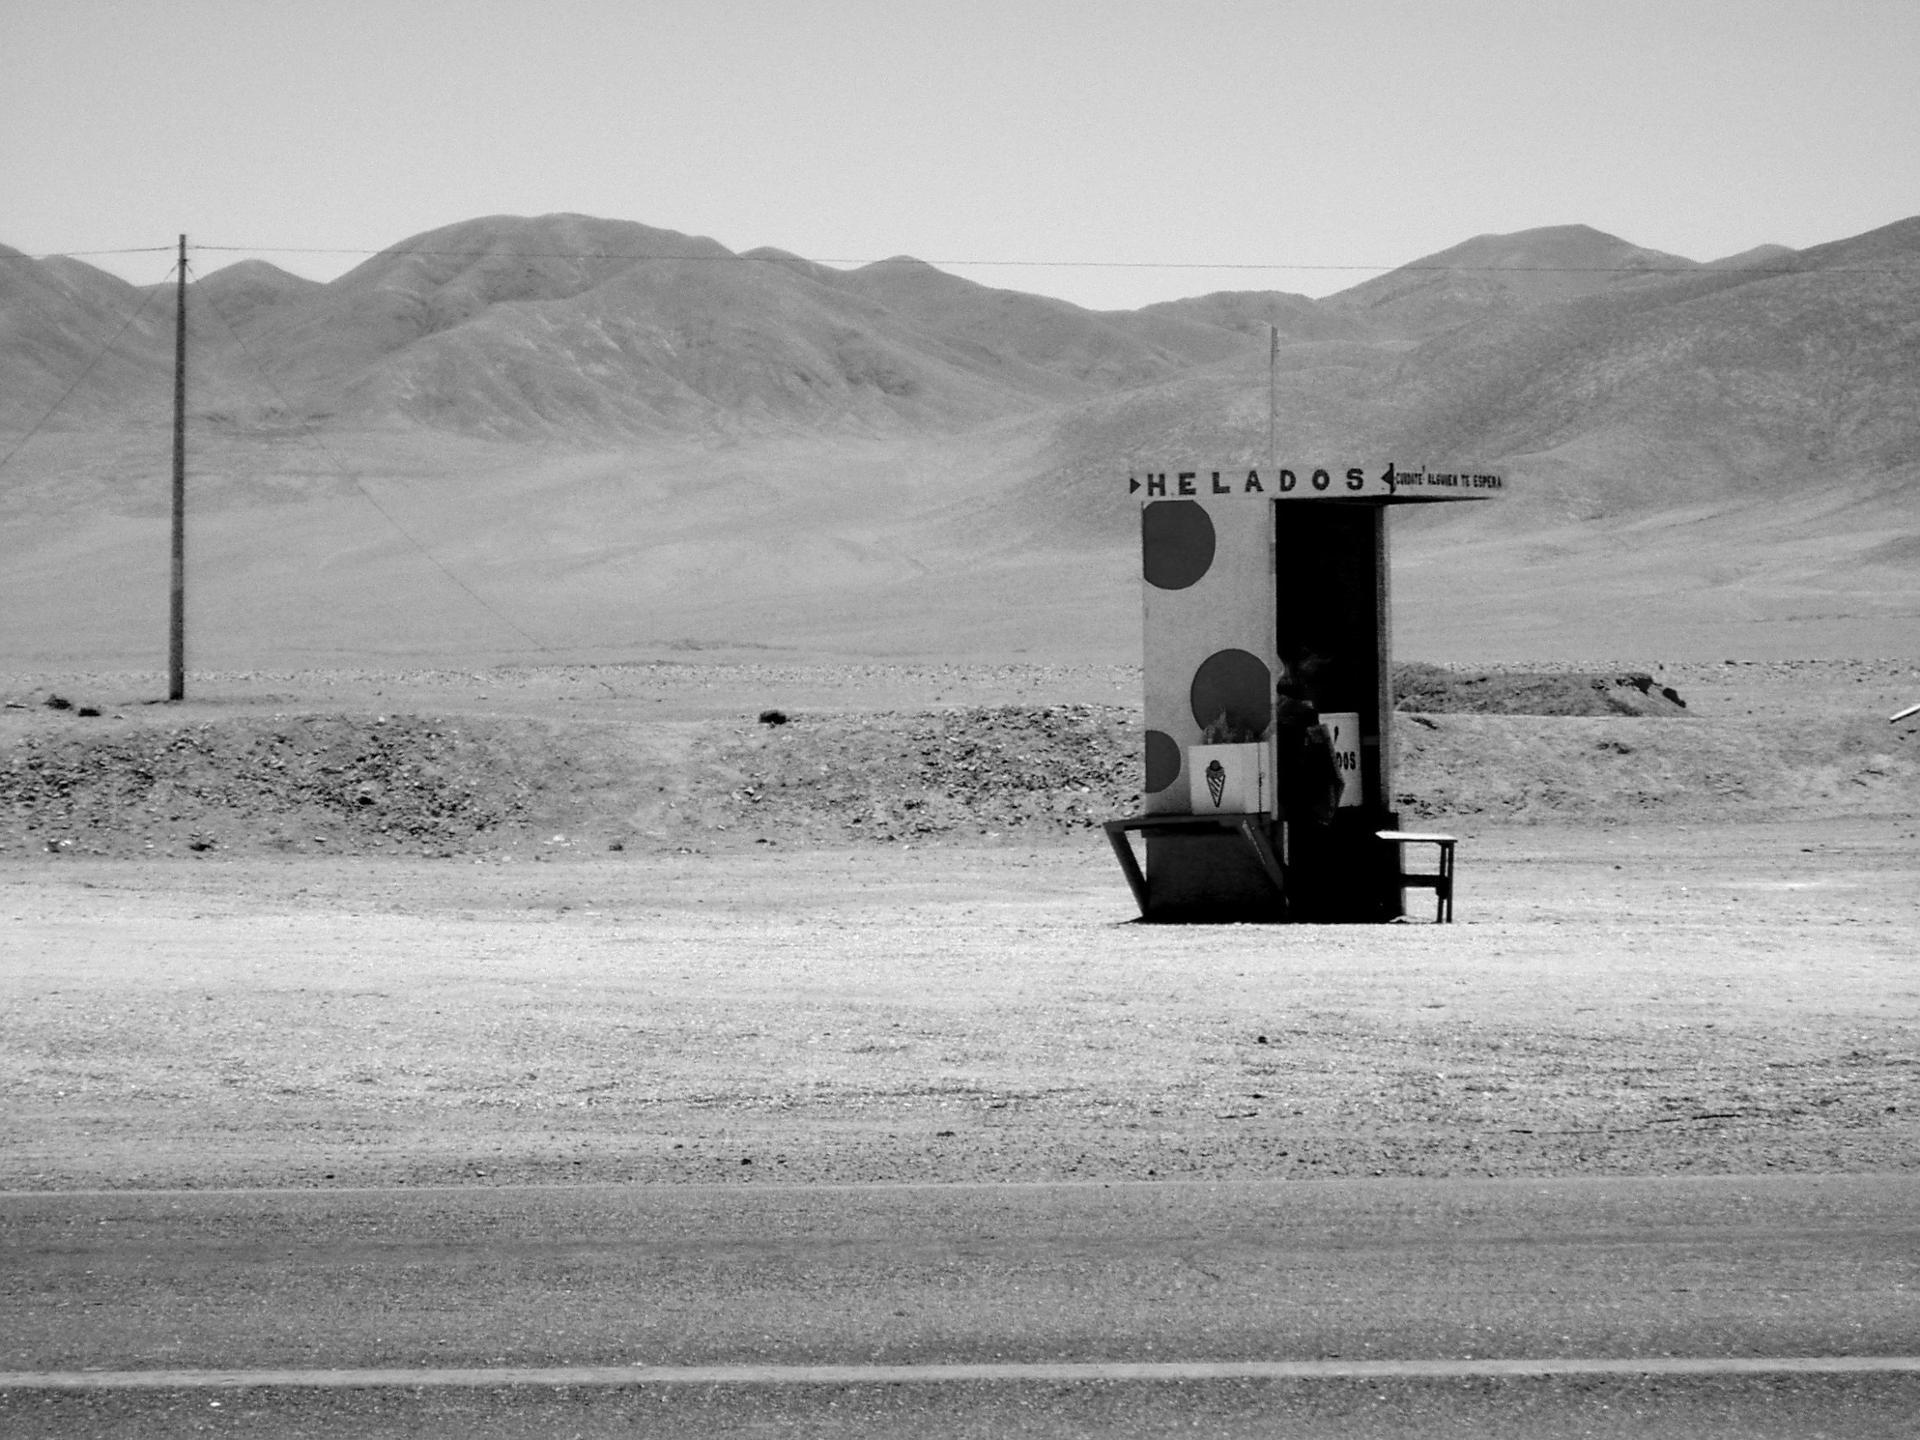 vendeur de glace dans le désert